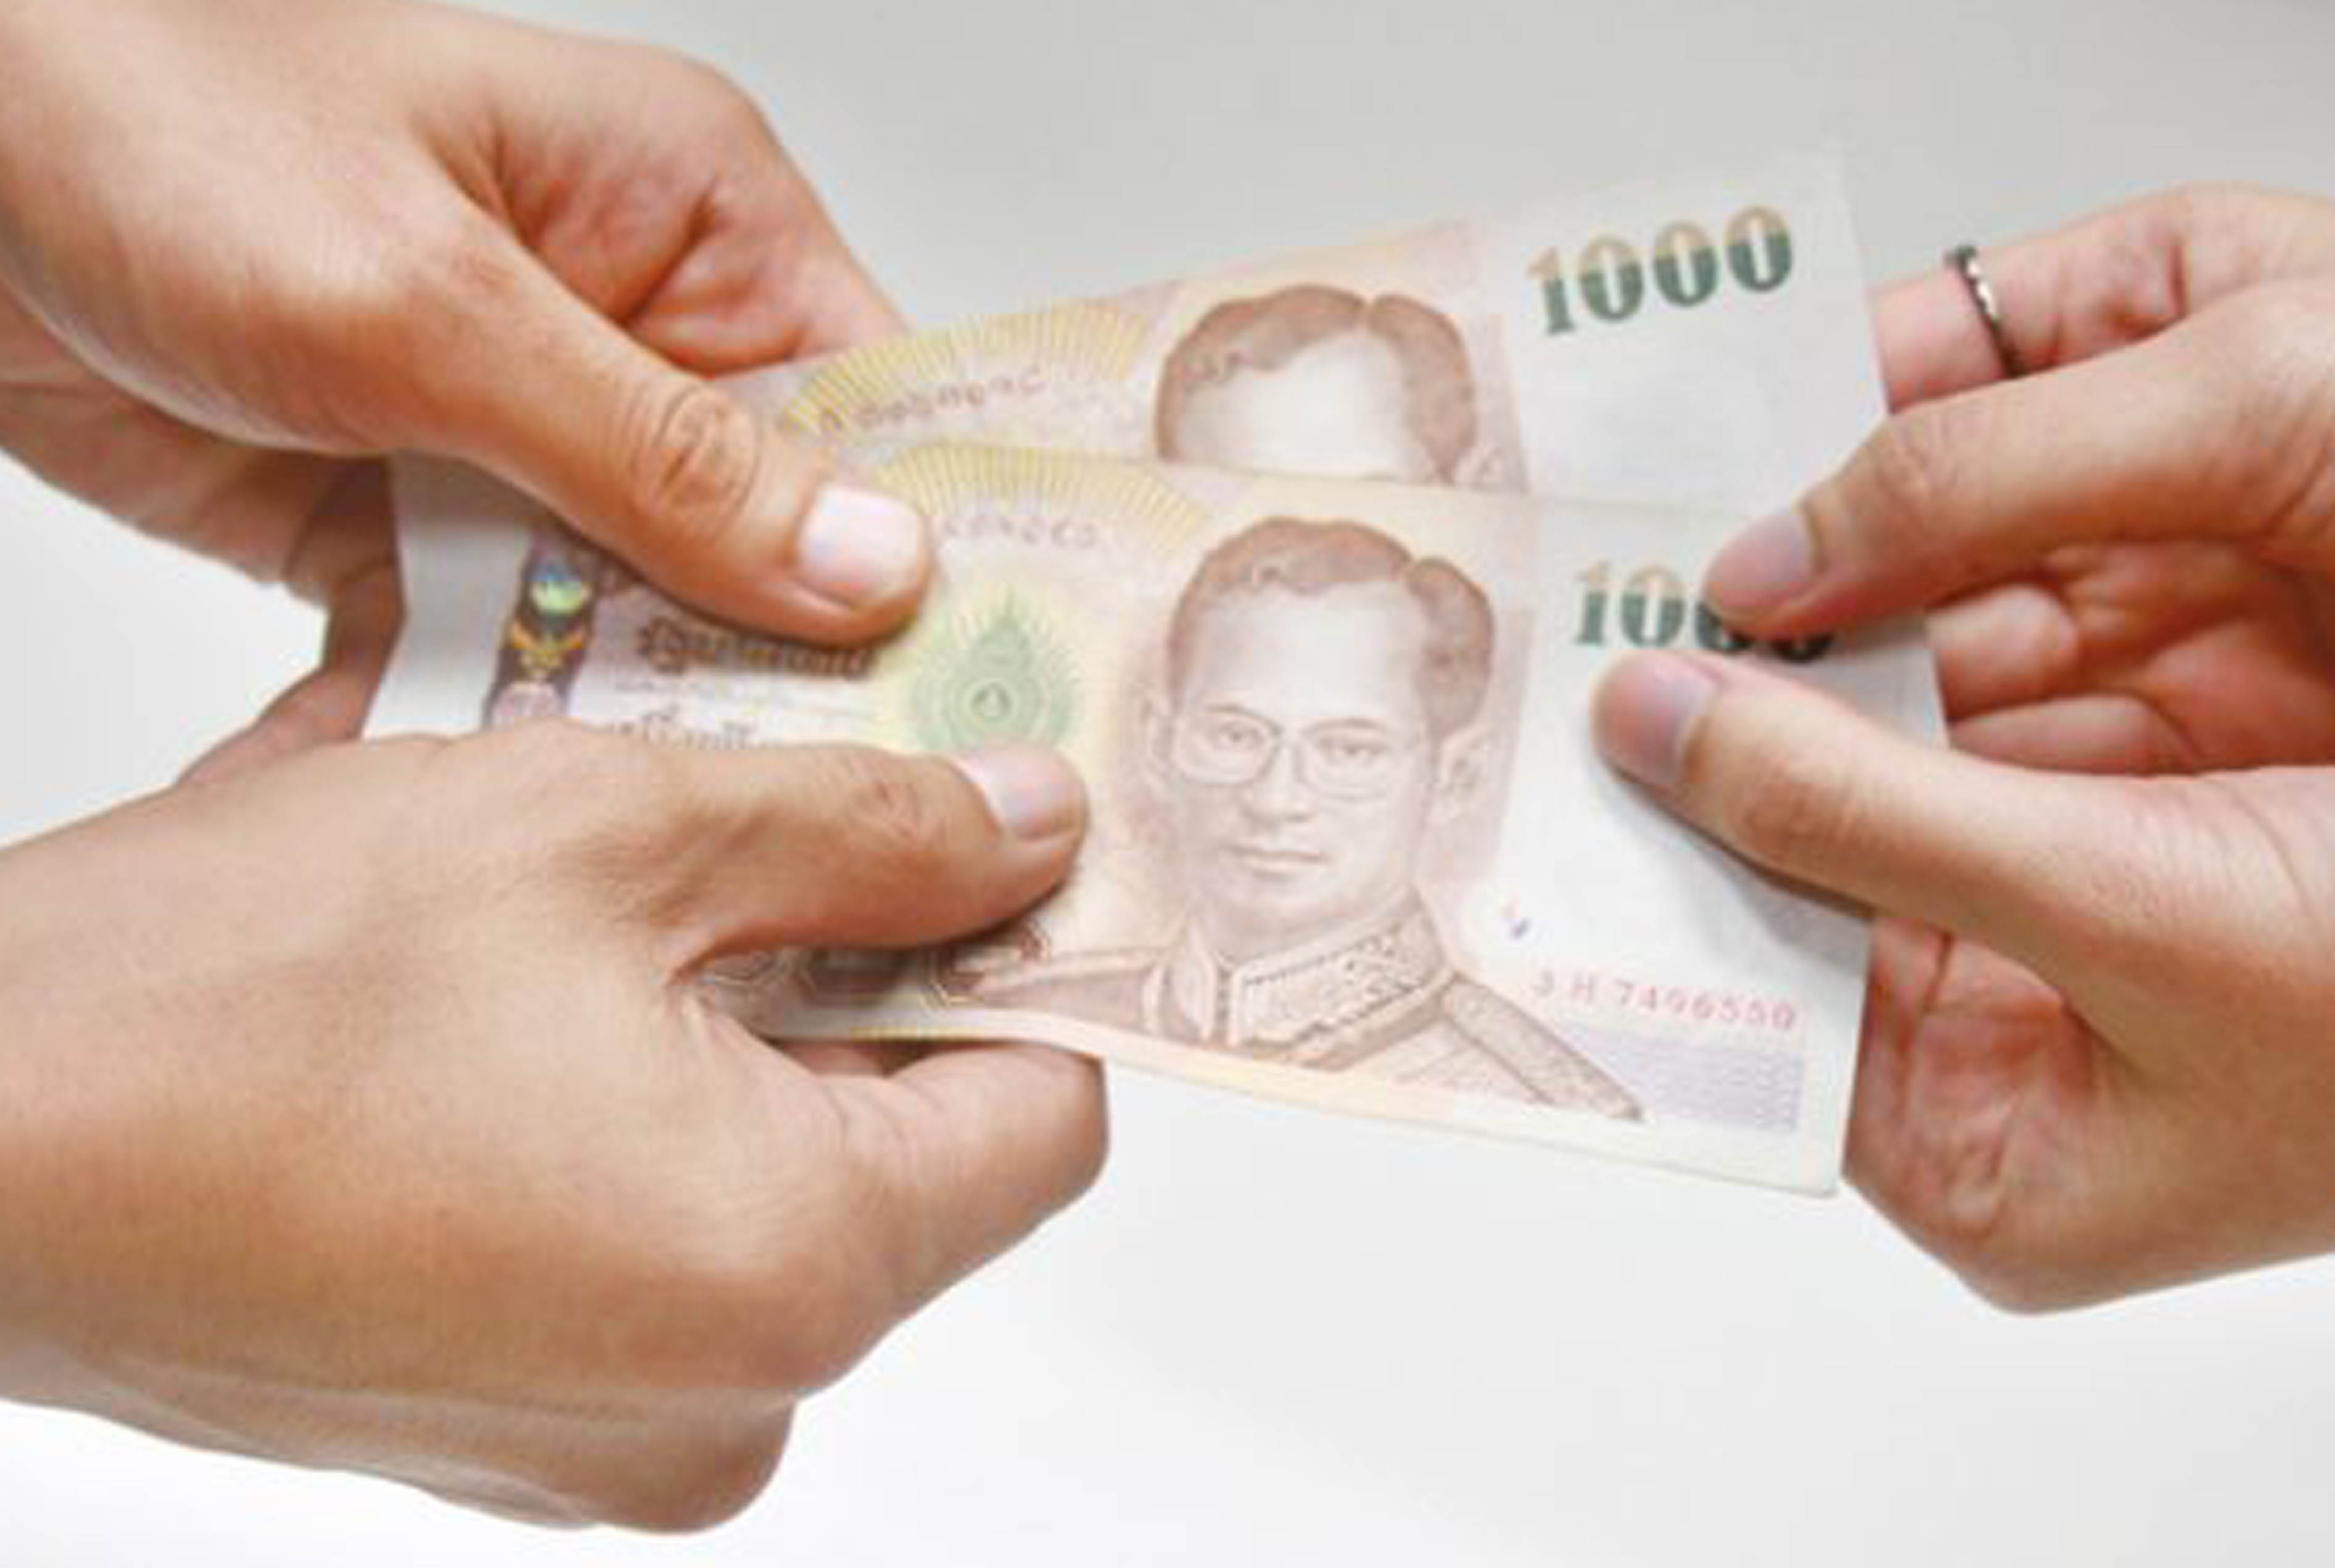 増加するタイ警察官の借金と自殺者 - ワイズデジタル【タイで働く人のための情報サイト】